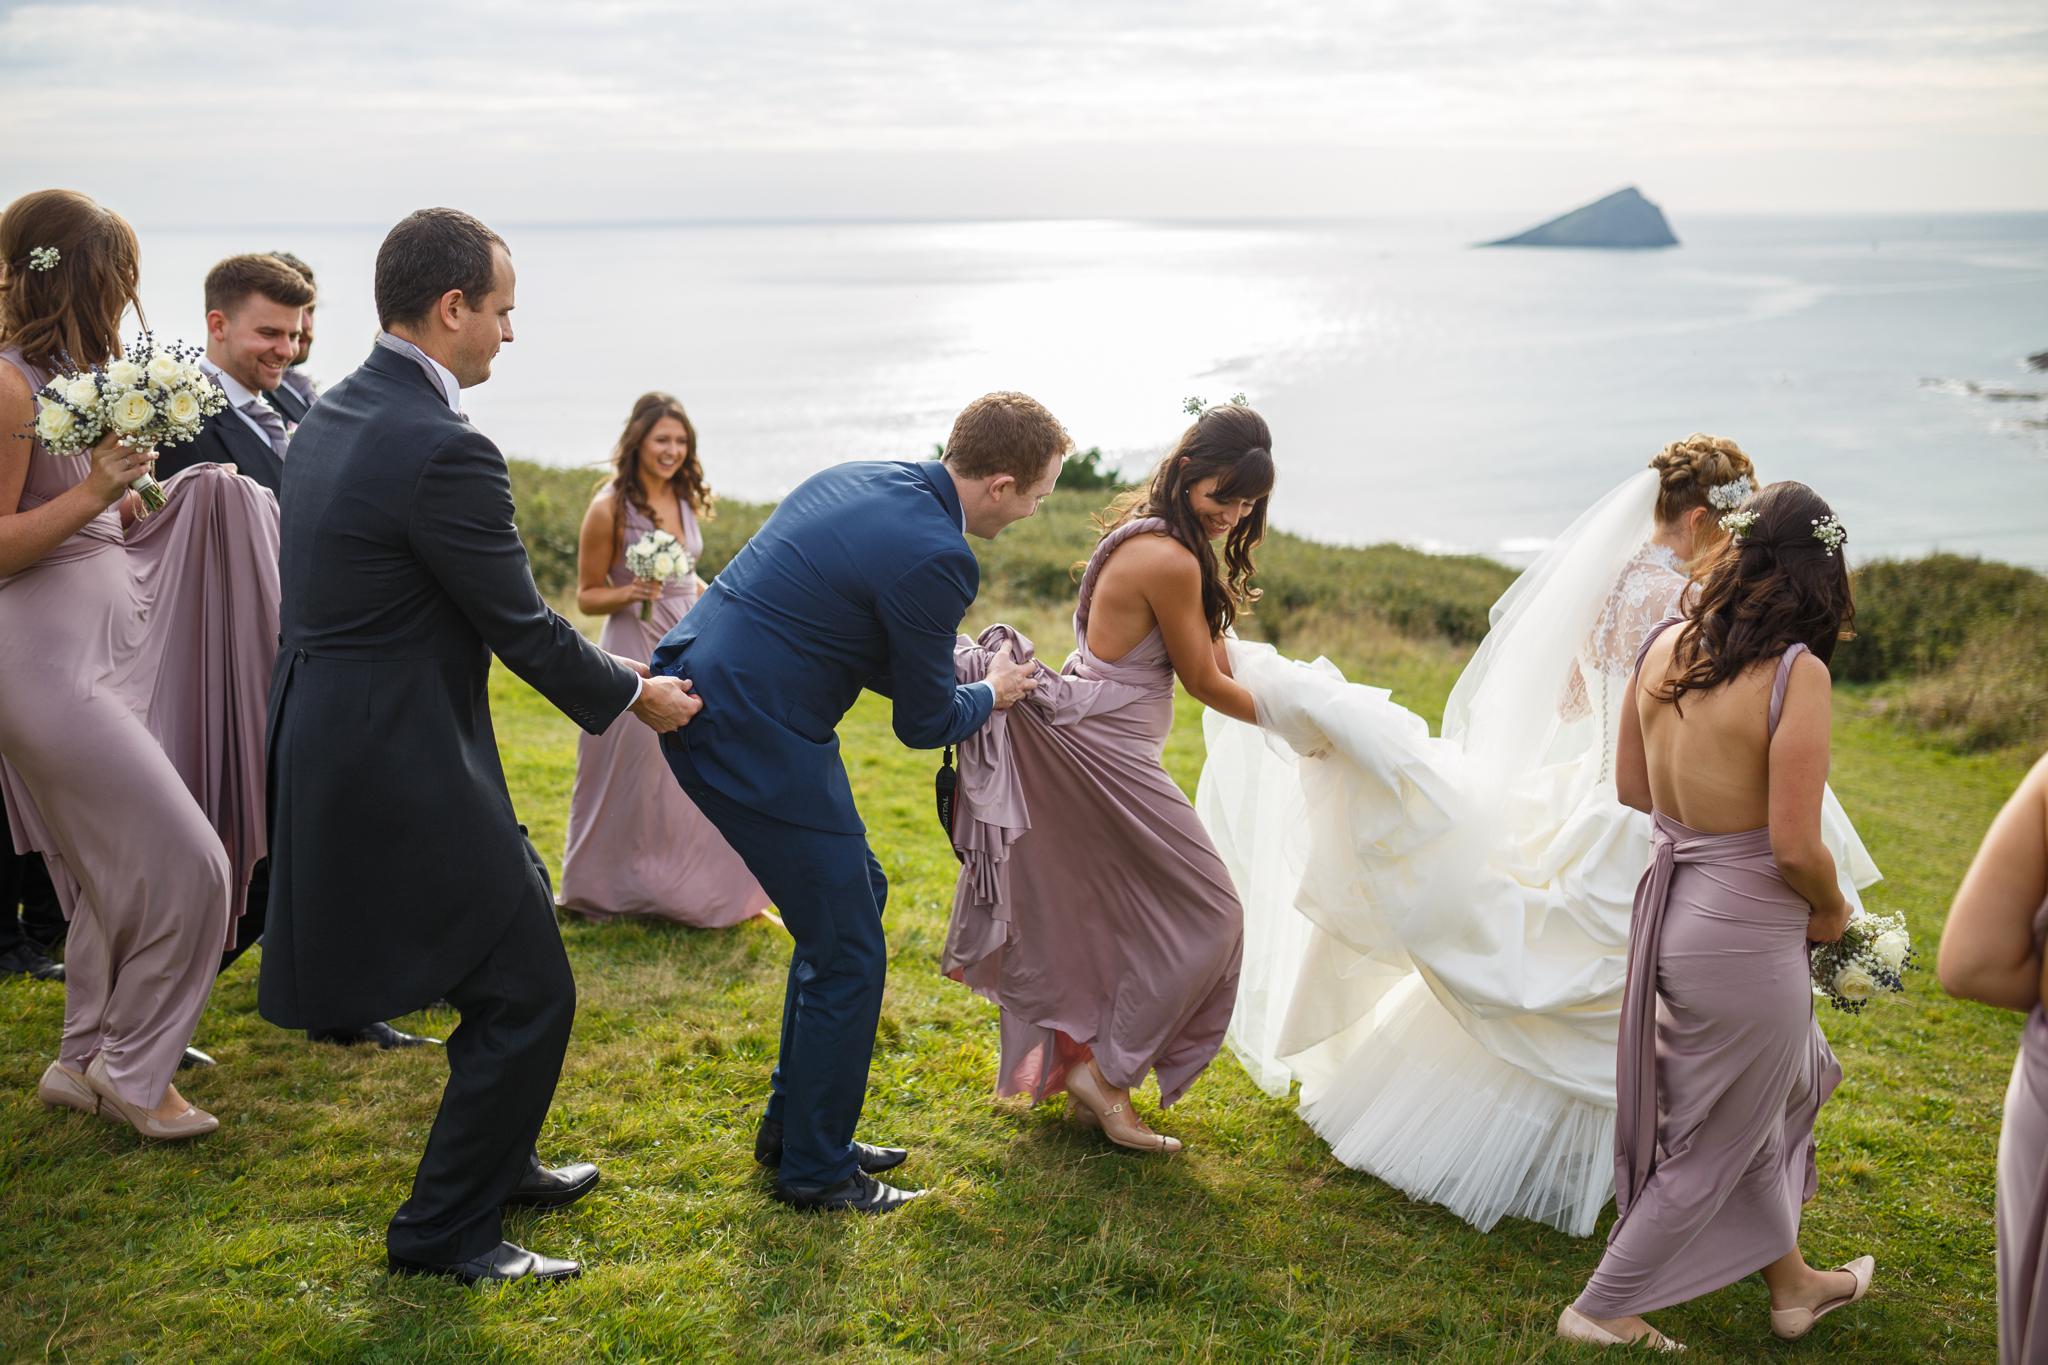 Simon_Rawling_Wedding_Photography-465.jpg